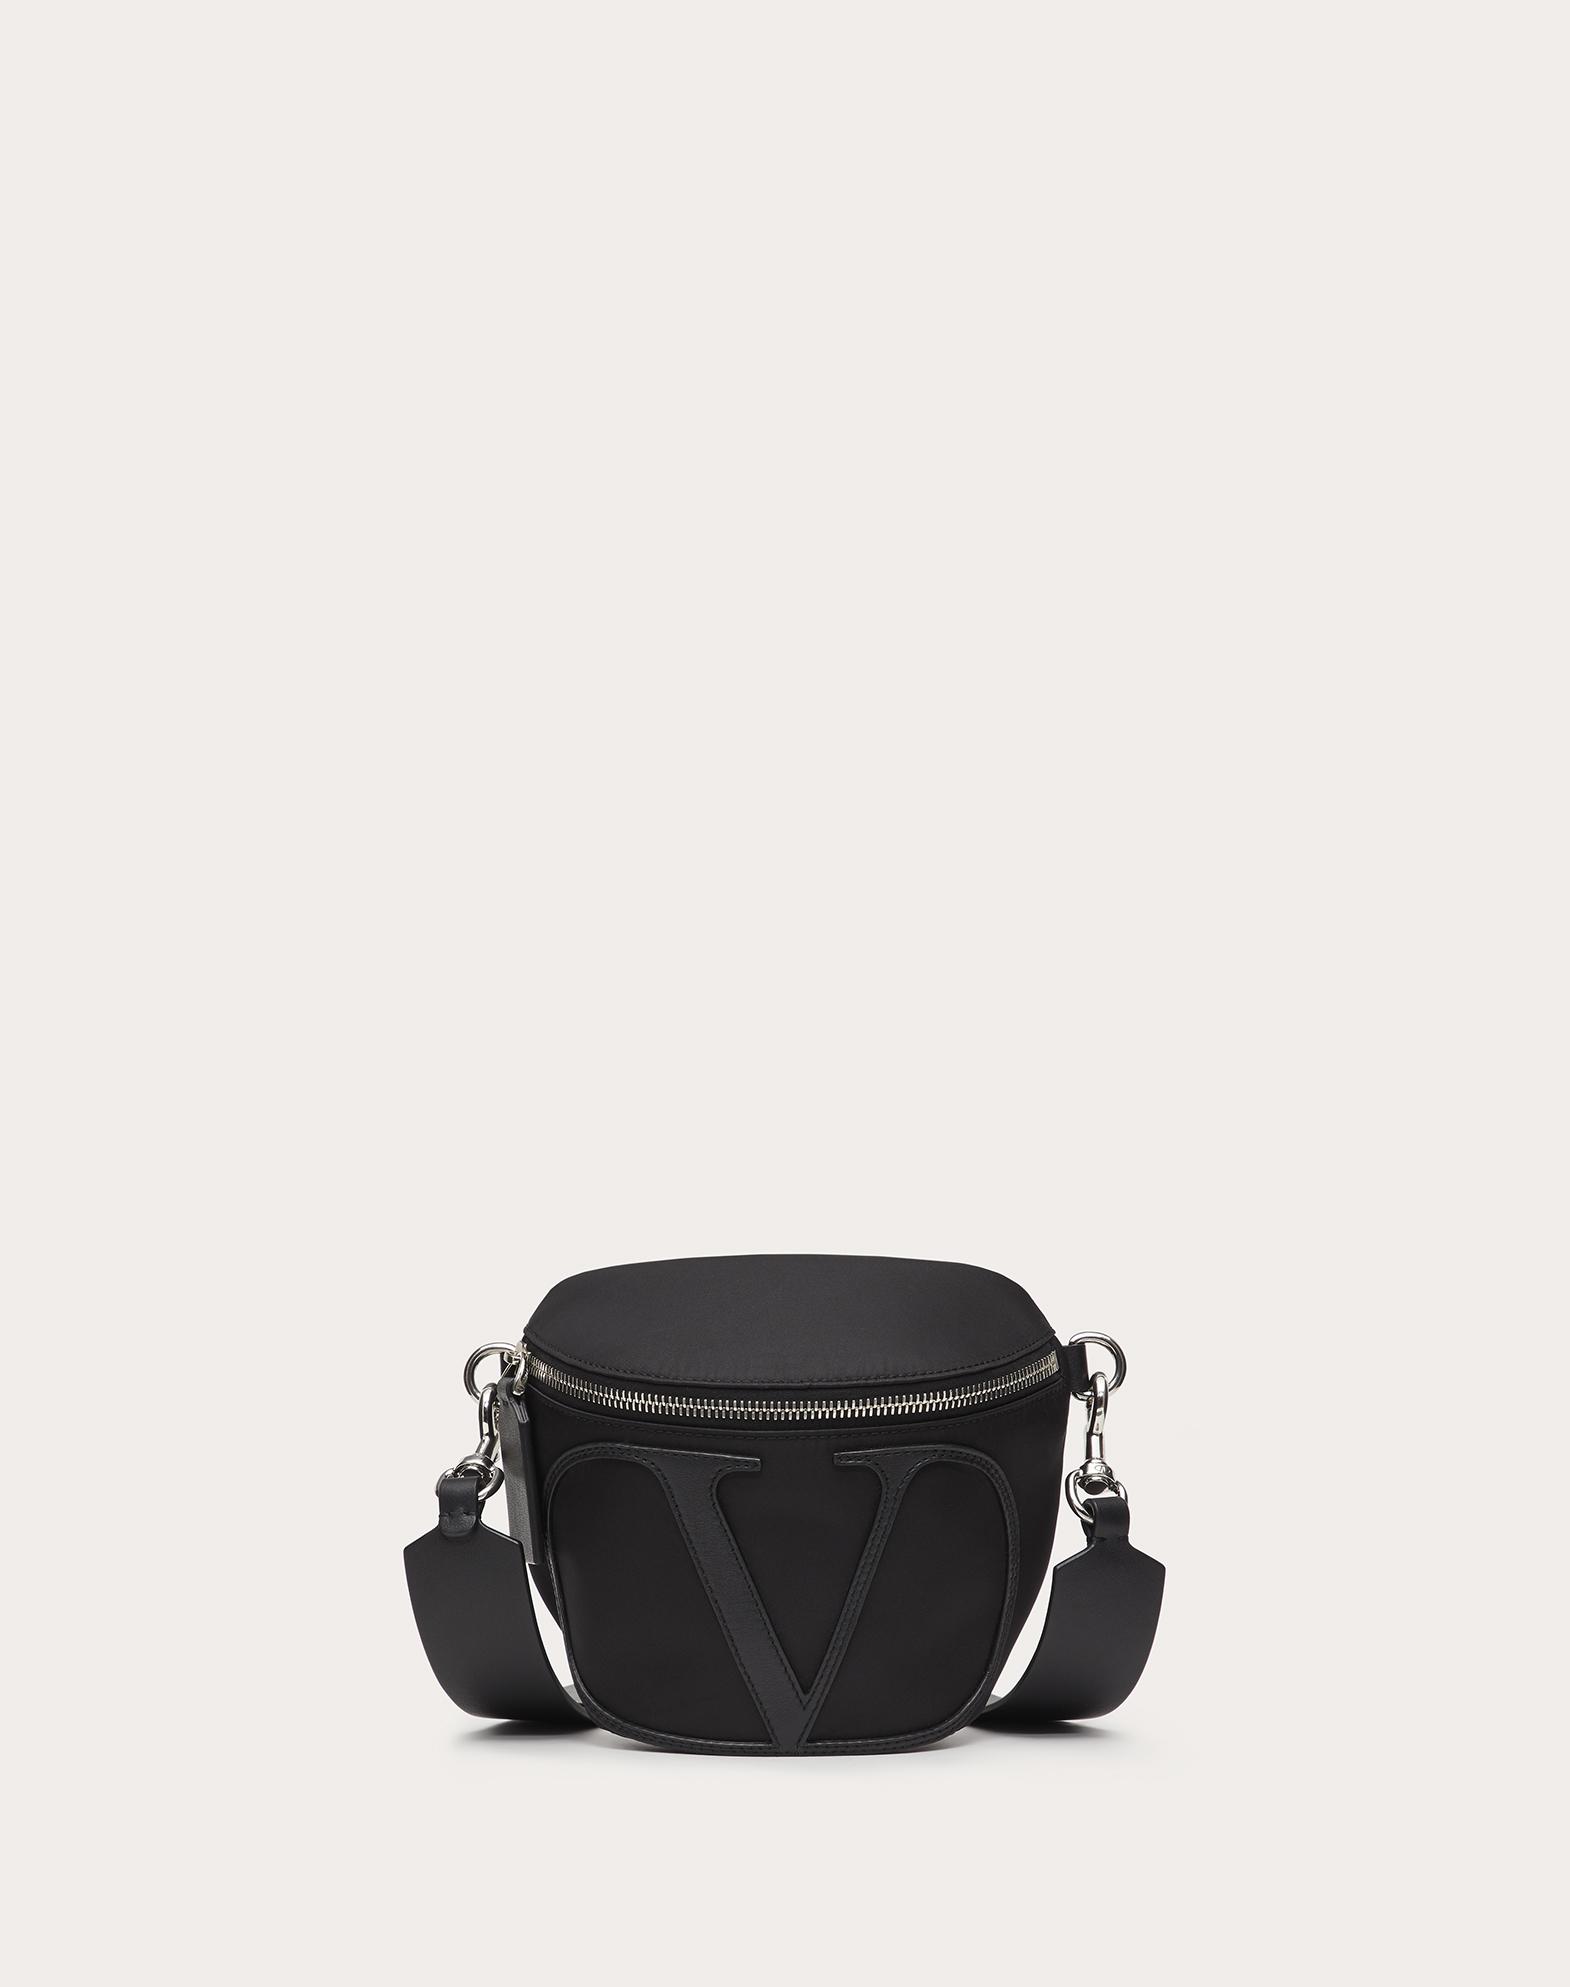 VLOGO Nylon Belt Bag